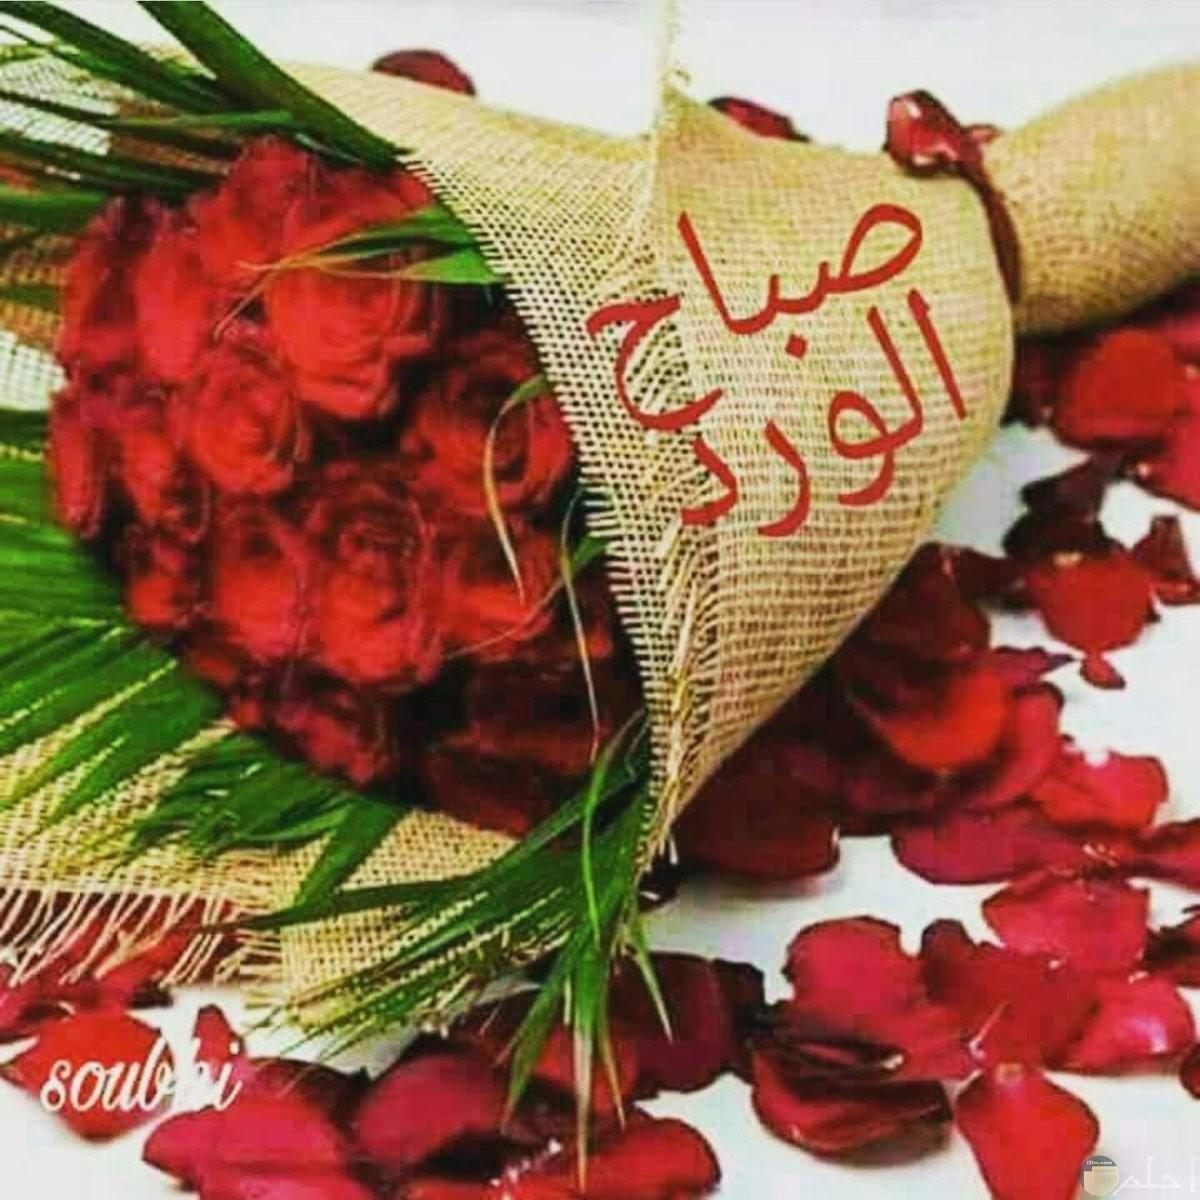 صورة بها بوكية ورد احمر ومدون بعبارة صباح الورد